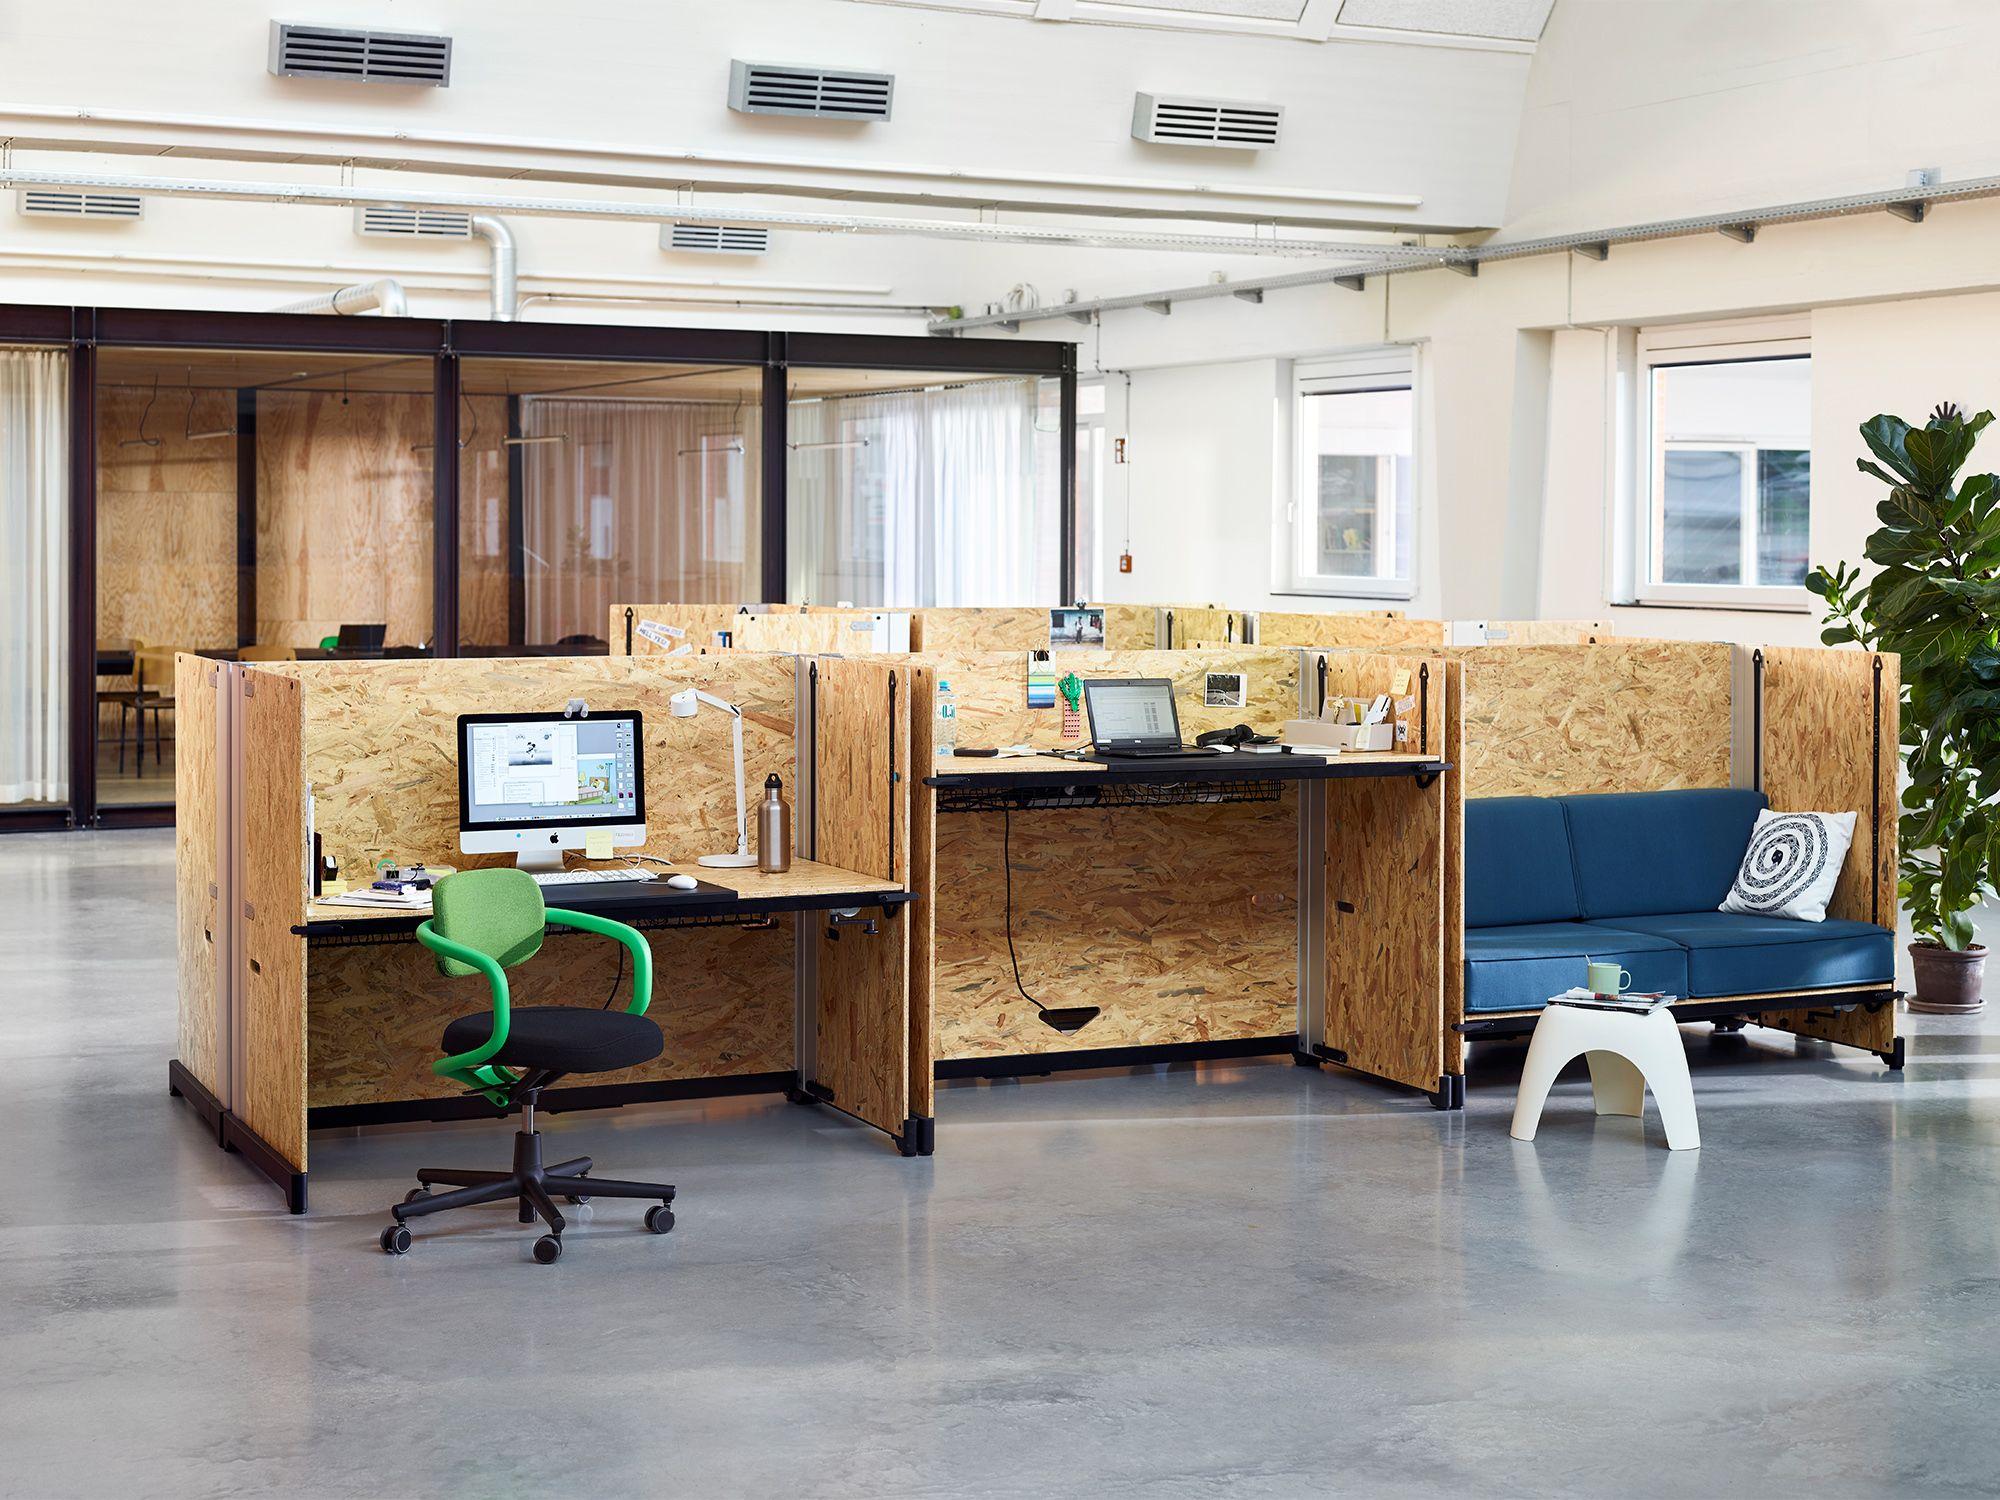 die besten 25 space hack ideen auf pinterest kleine. Black Bedroom Furniture Sets. Home Design Ideas